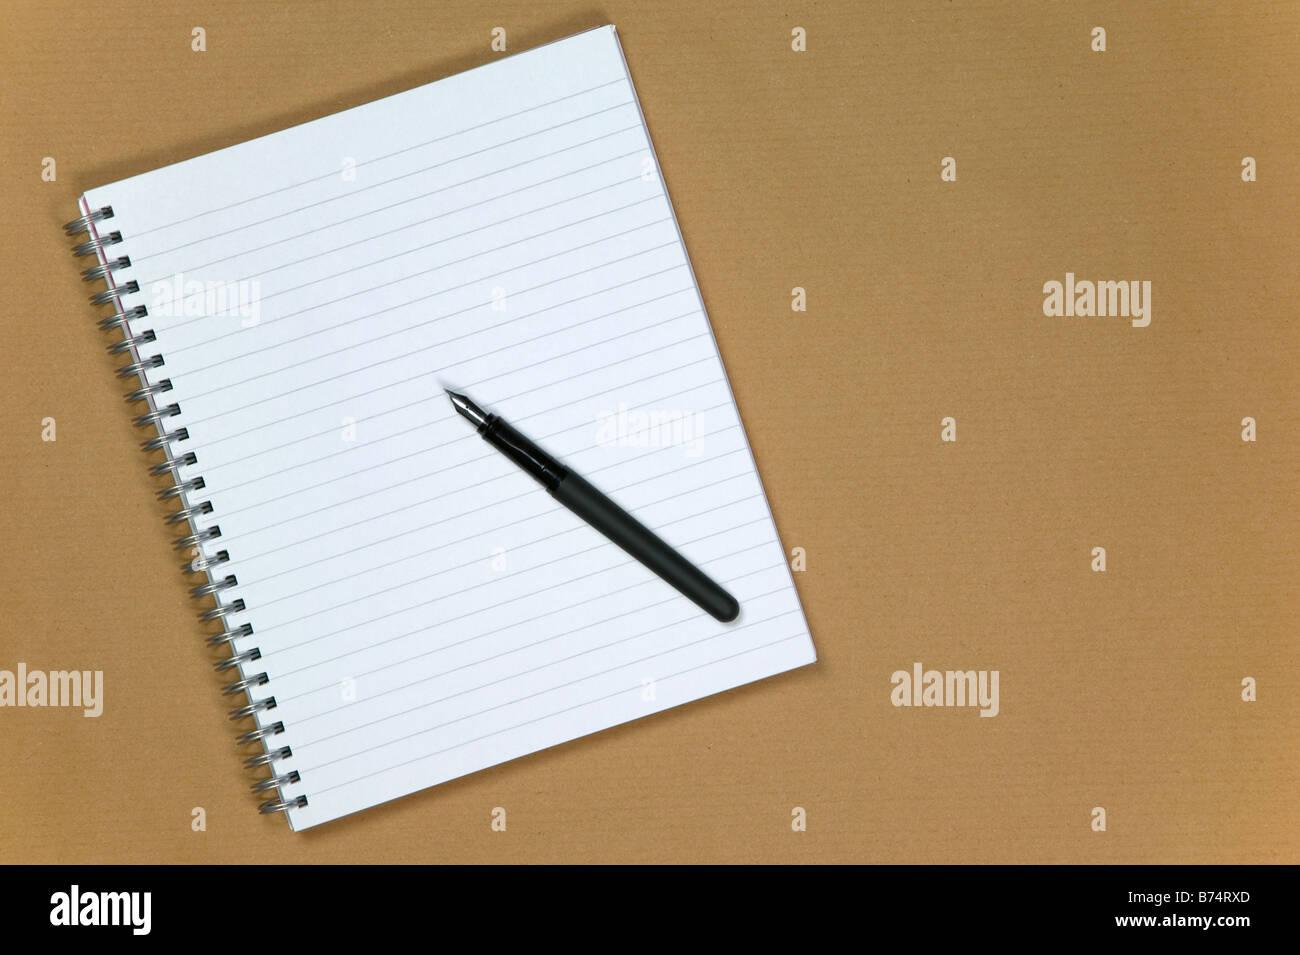 Spiral-Notizbuch und Füllfederhalter auf braunem Papierhintergrund Stockfoto